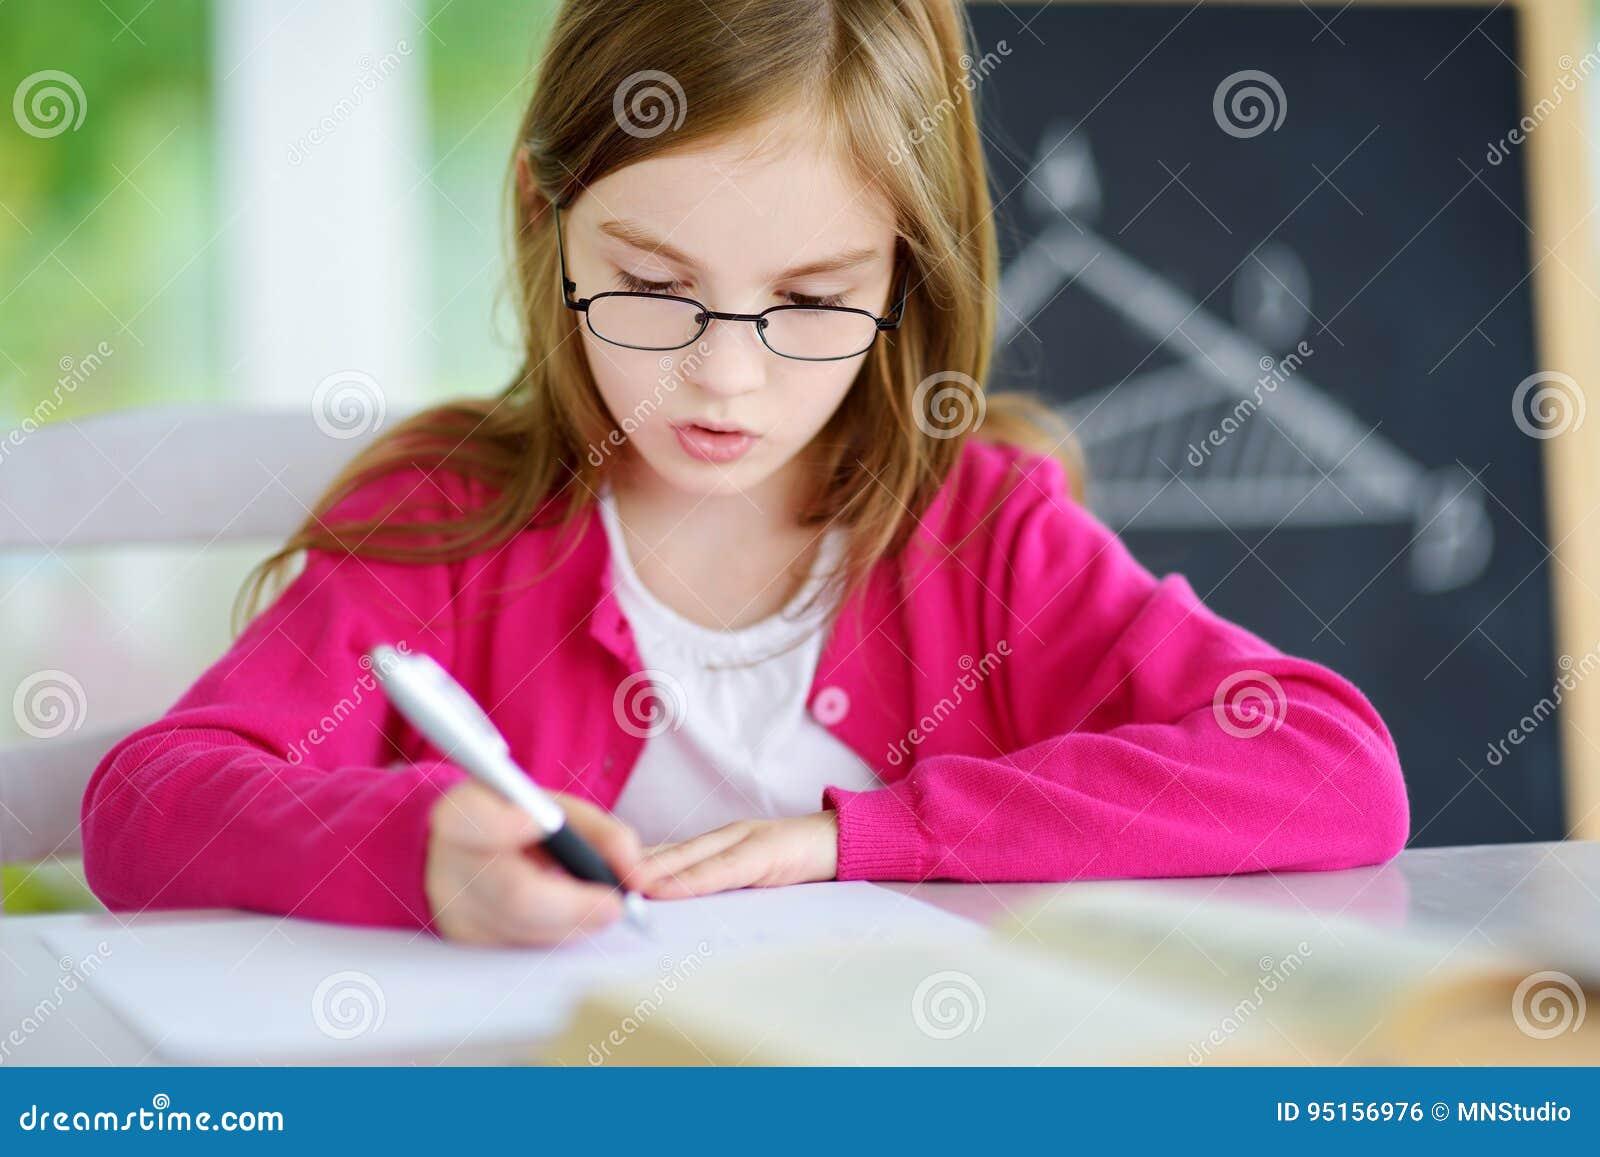 Petite écolière futée avec le stylo et livres écrivant un essai dans une salle de classe Enfant dans une école primaire